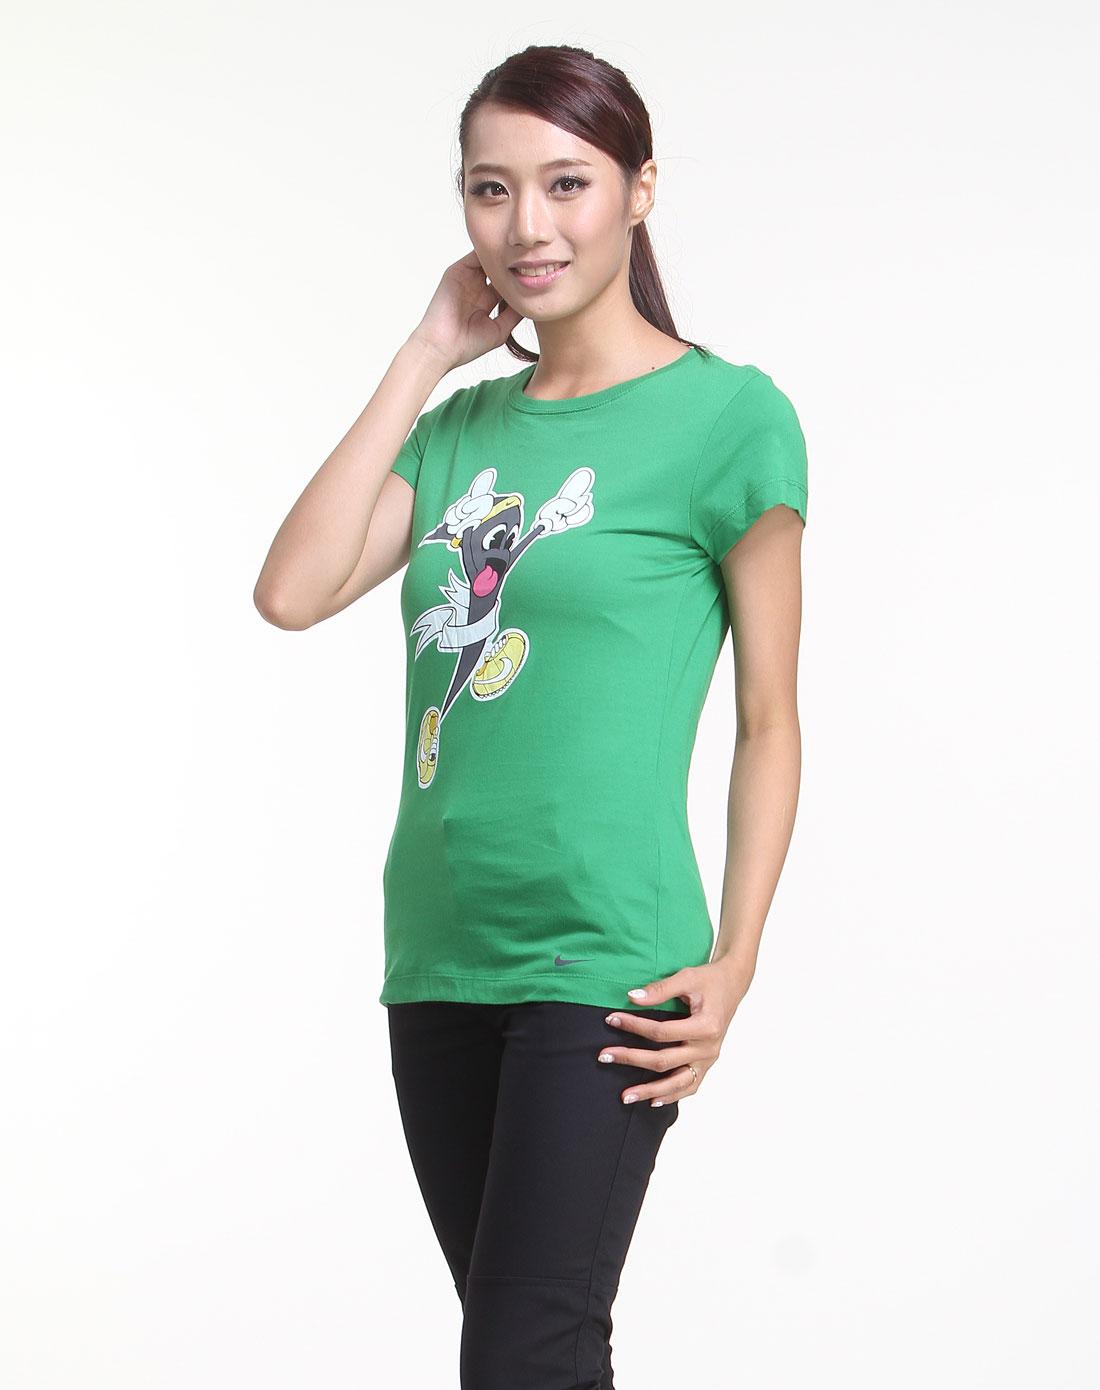 耐克nike男女装女款绿色卡通精灵图案短袖t恤417291